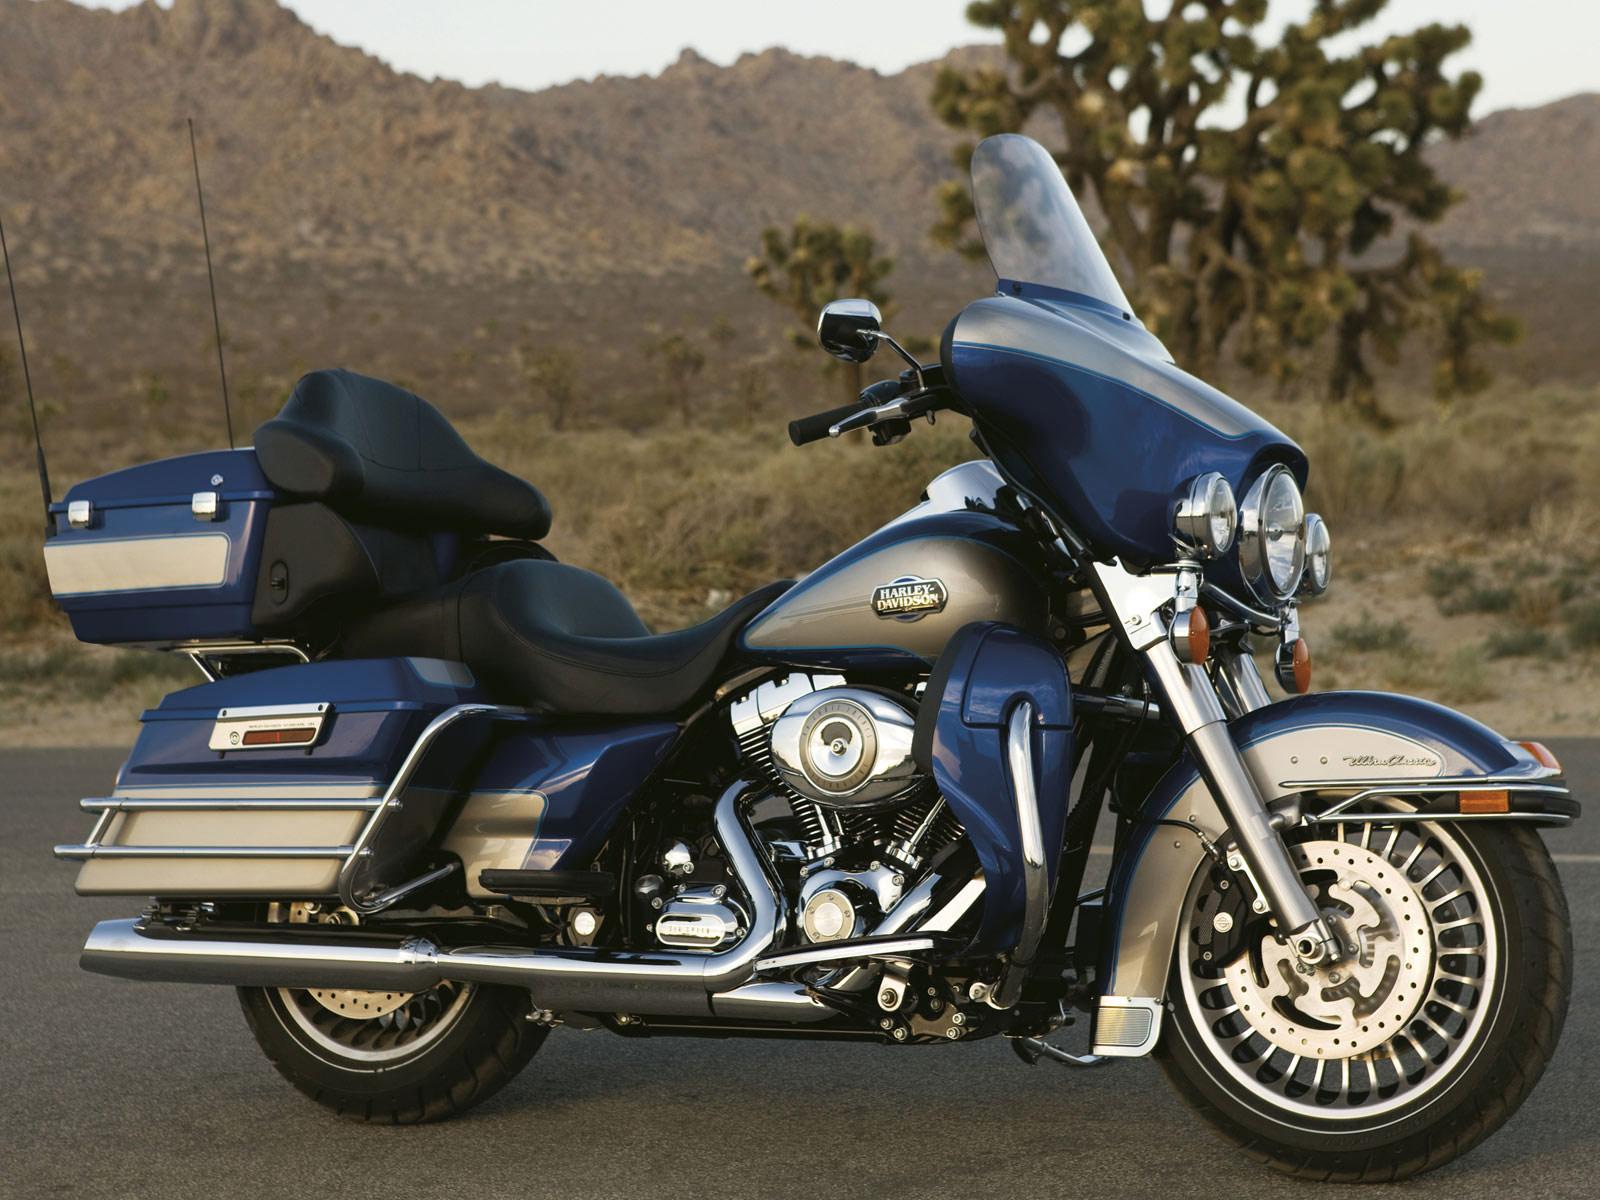 Harley Davidson Flhtcu Ultra Classic Electra Glide 2009